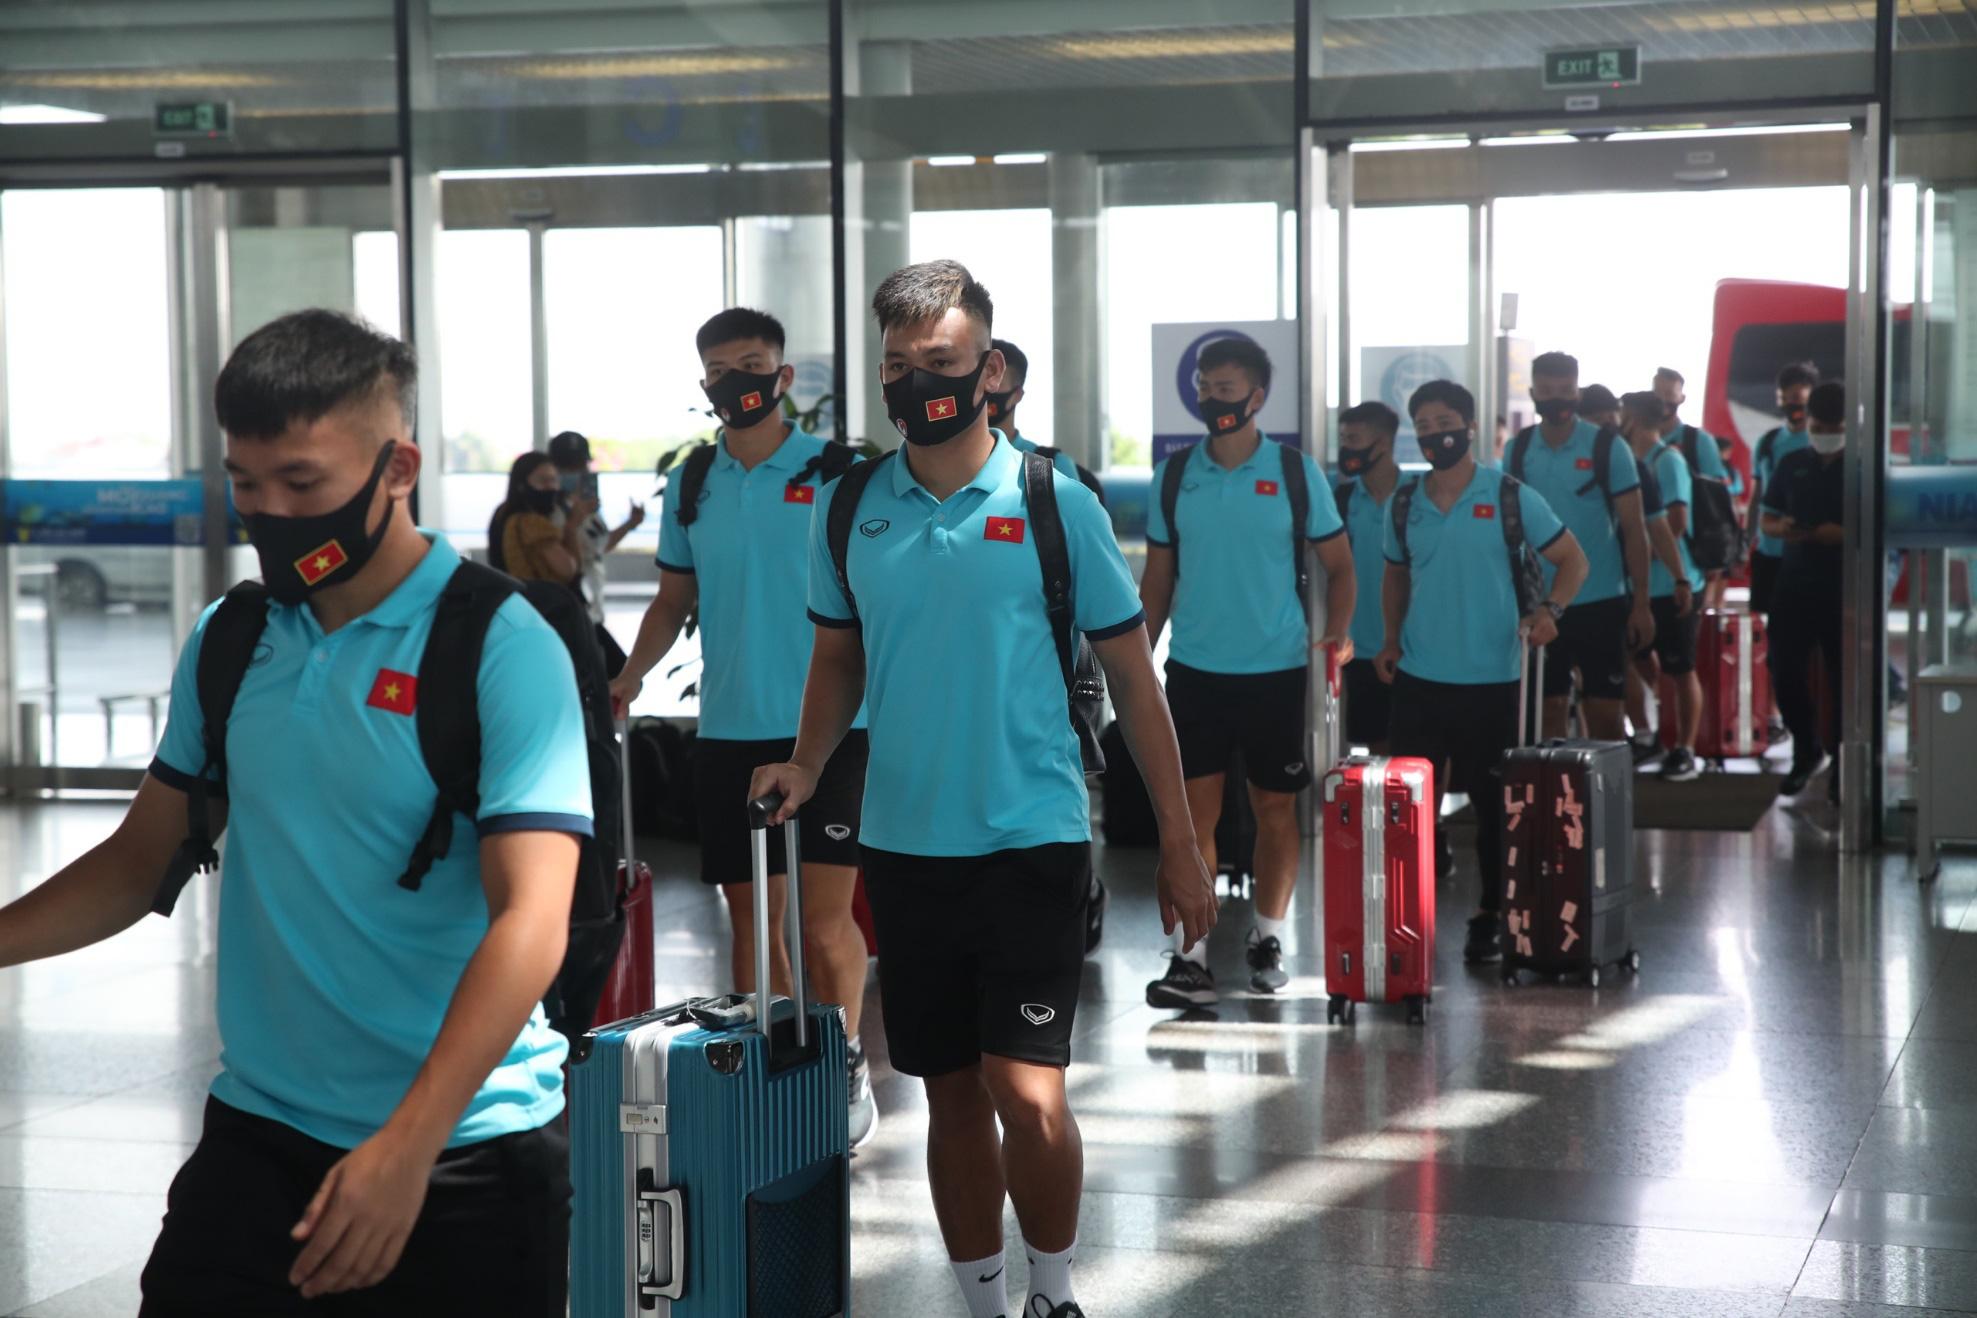 HLV Park Hang-seo cùng các học trò bay thẳng tới UAE trên chuyên cơ Bamboo Airways dự vòng loại World Cup 2022 - Ảnh 2.